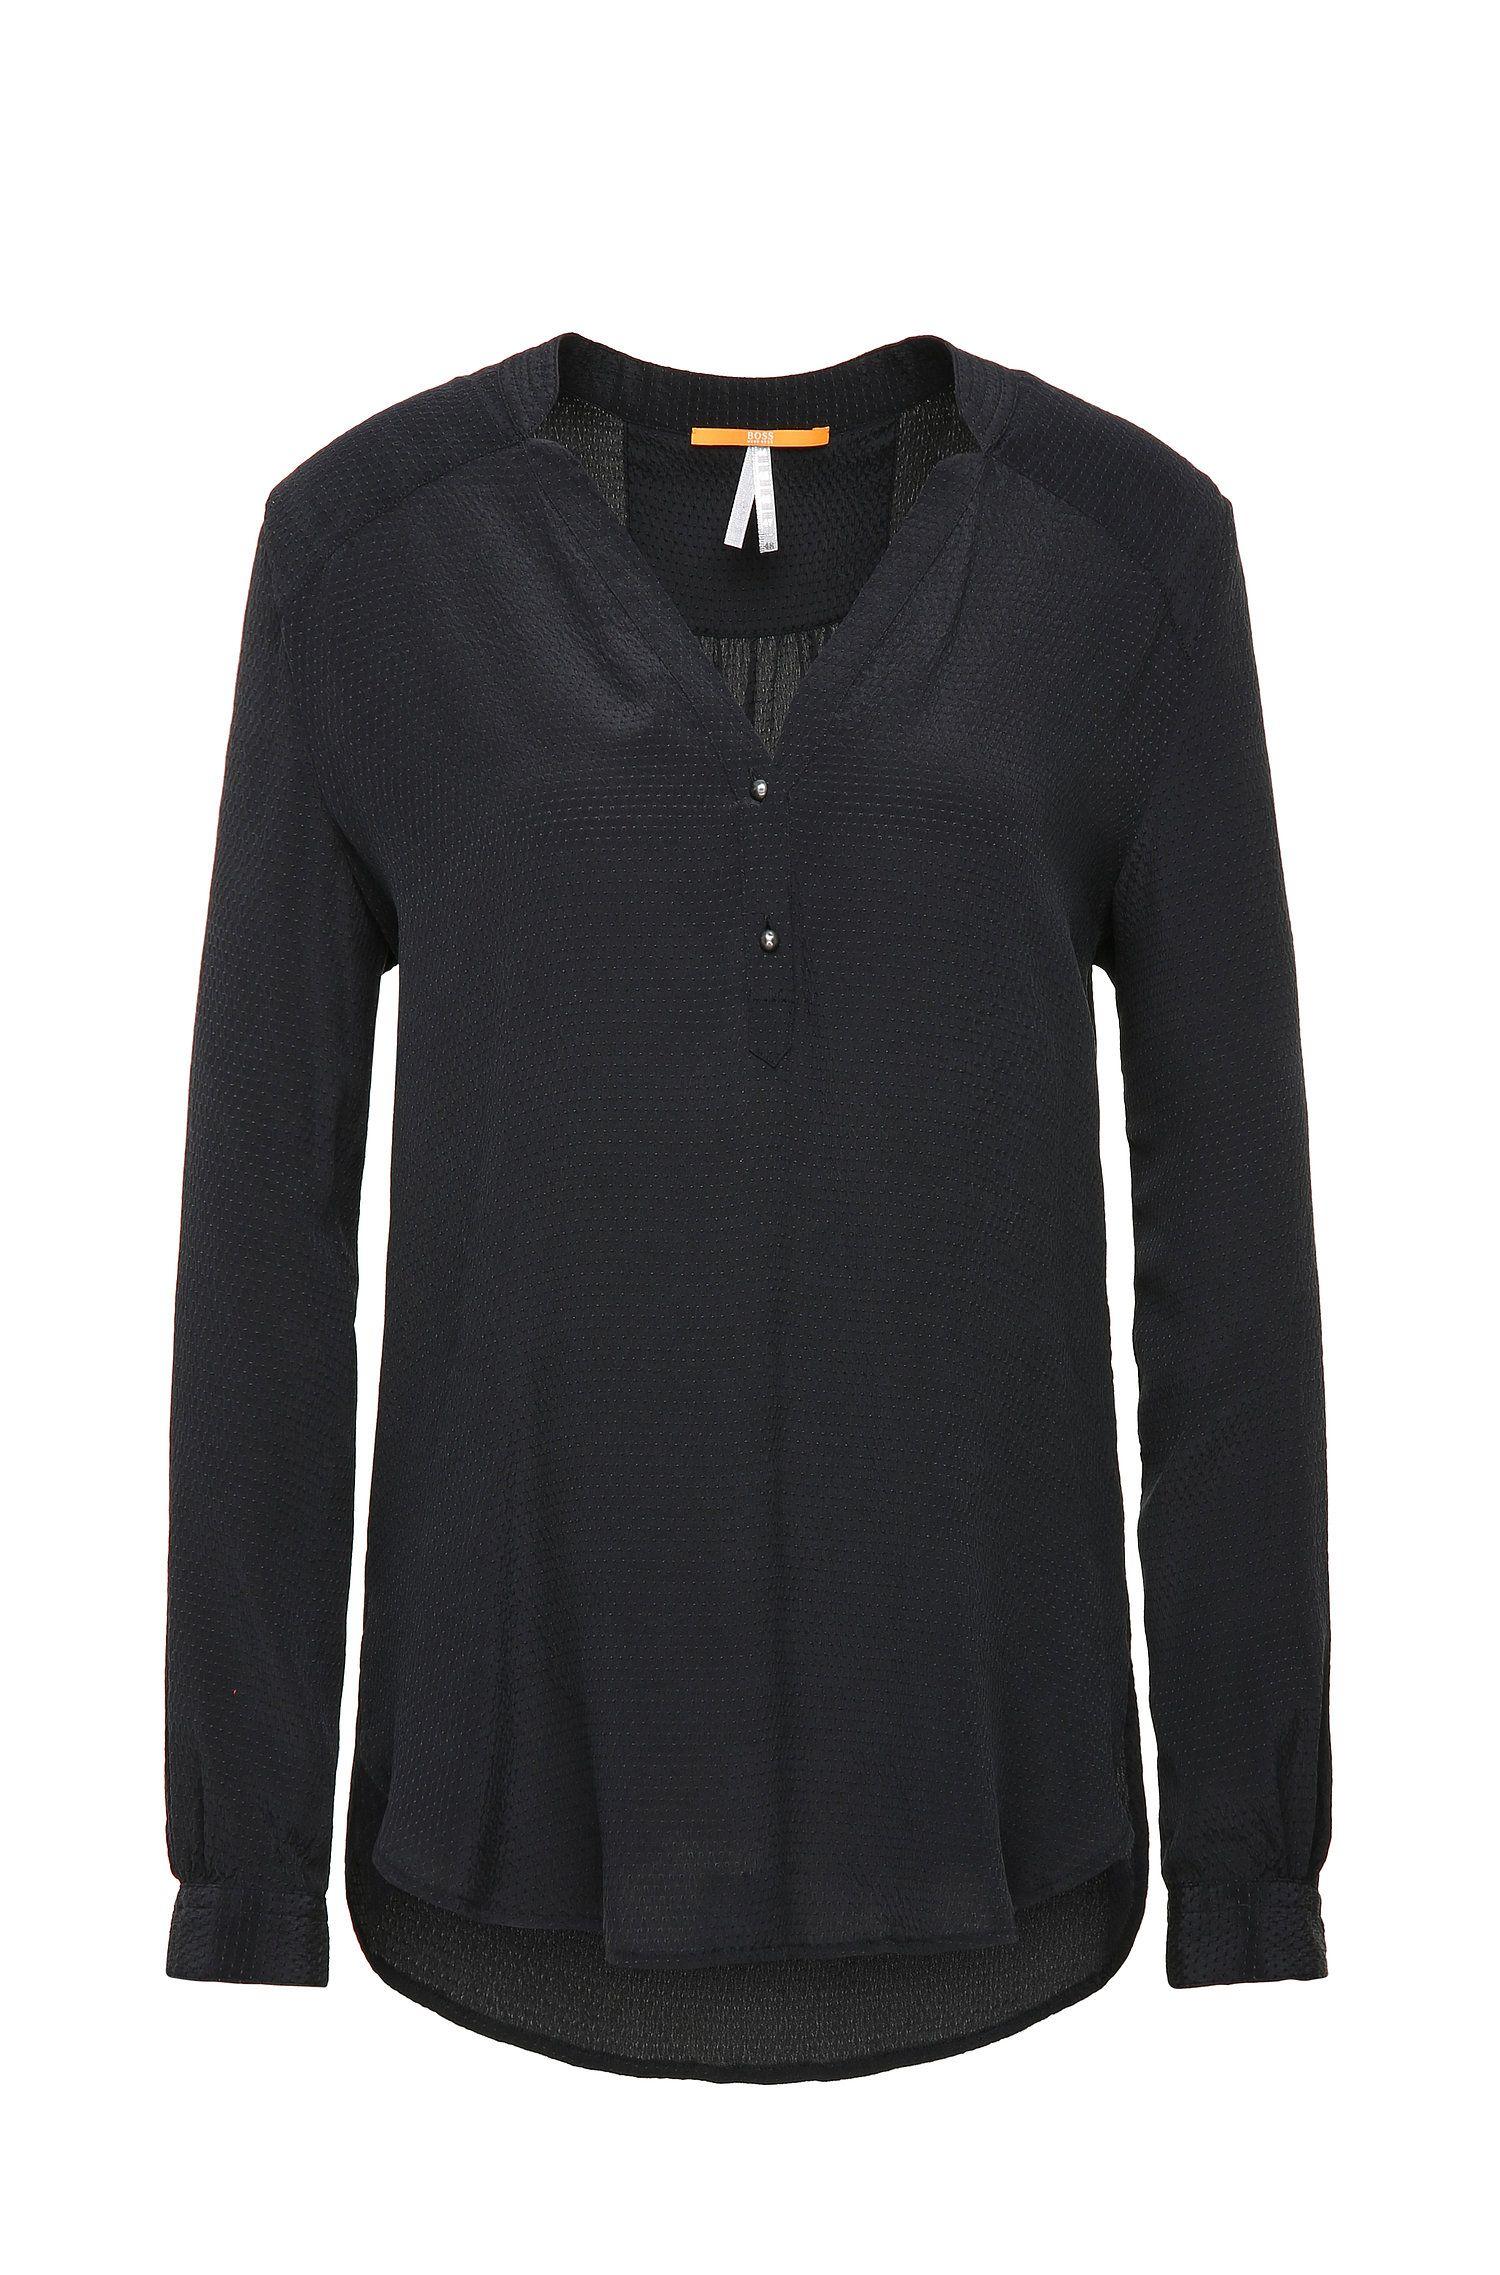 Teder vallende, zijden blouse in tuniekstijl: 'Efivee_9'